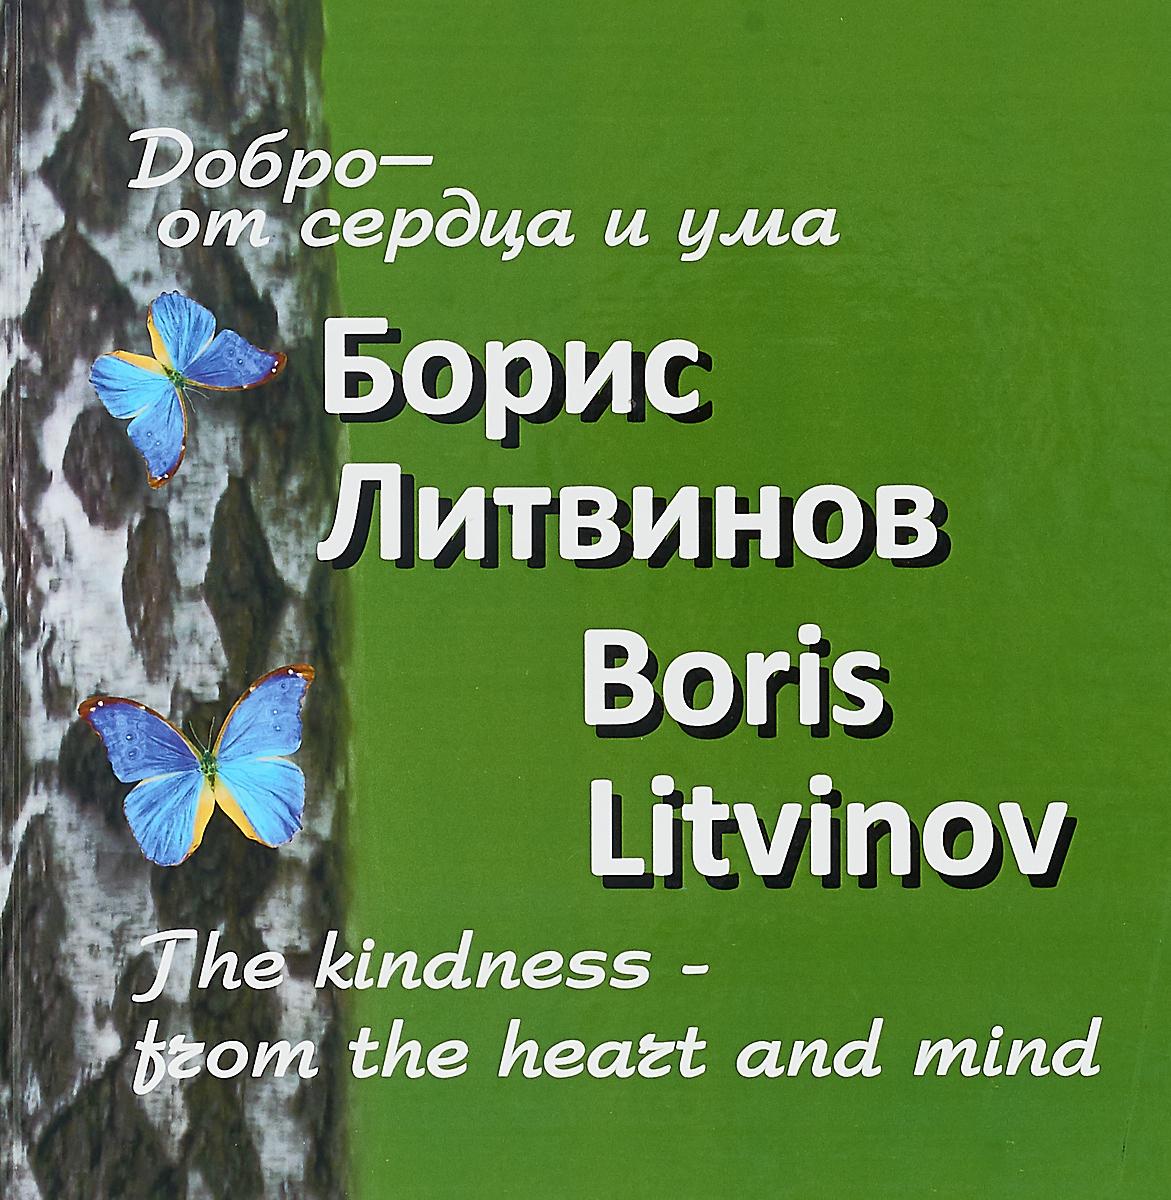 Борис Литвинов Добро - от сердца и ума